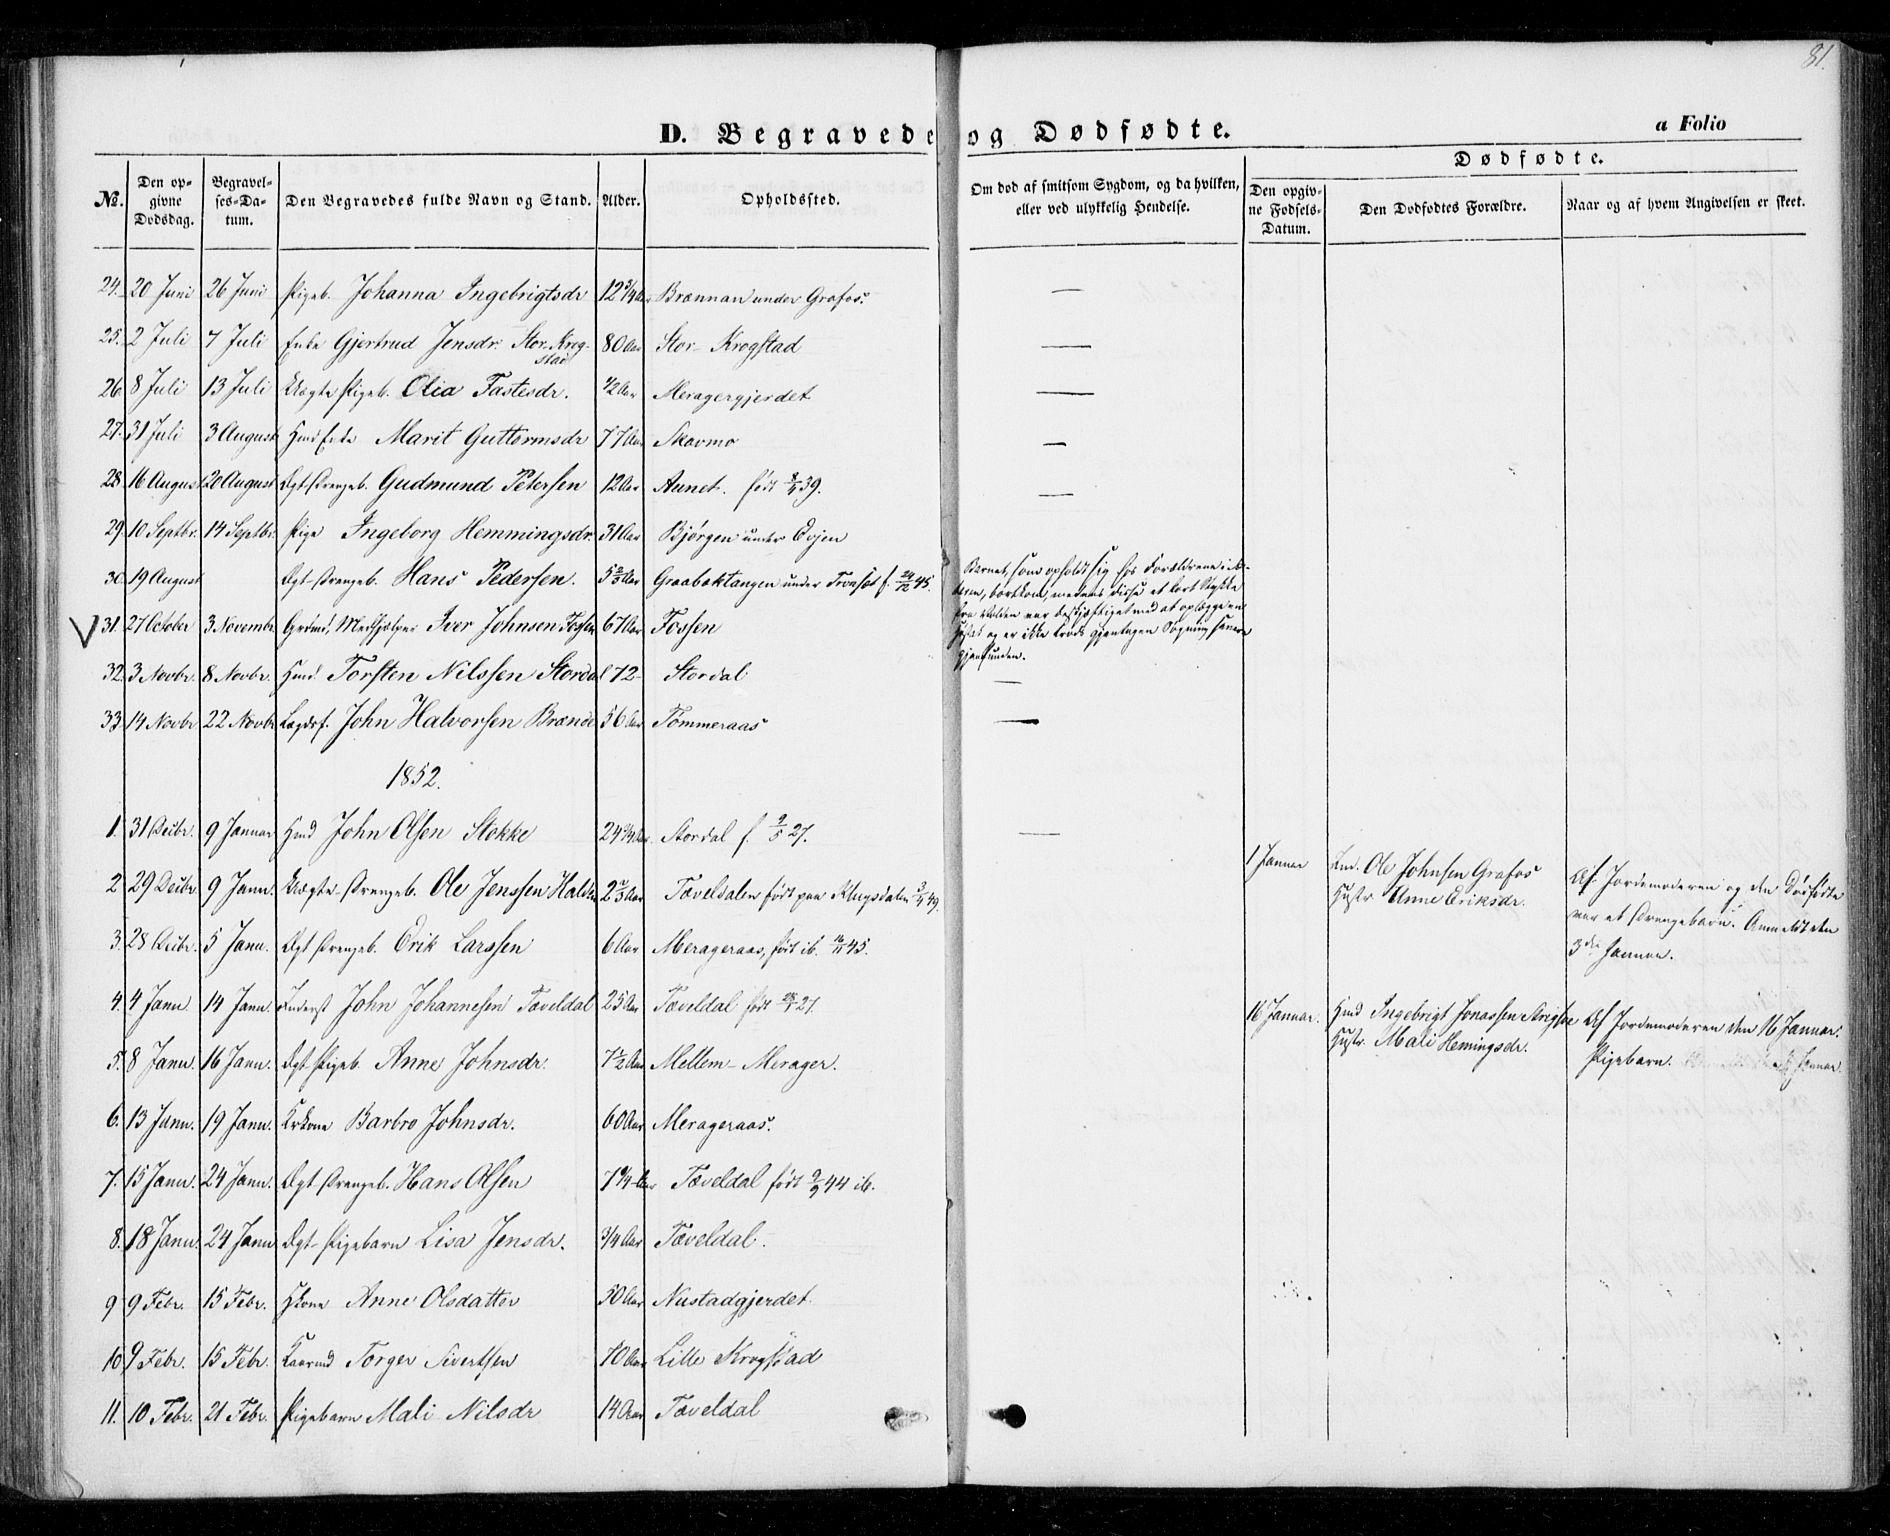 SAT, Ministerialprotokoller, klokkerbøker og fødselsregistre - Nord-Trøndelag, 706/L0040: Ministerialbok nr. 706A01, 1850-1861, s. 81